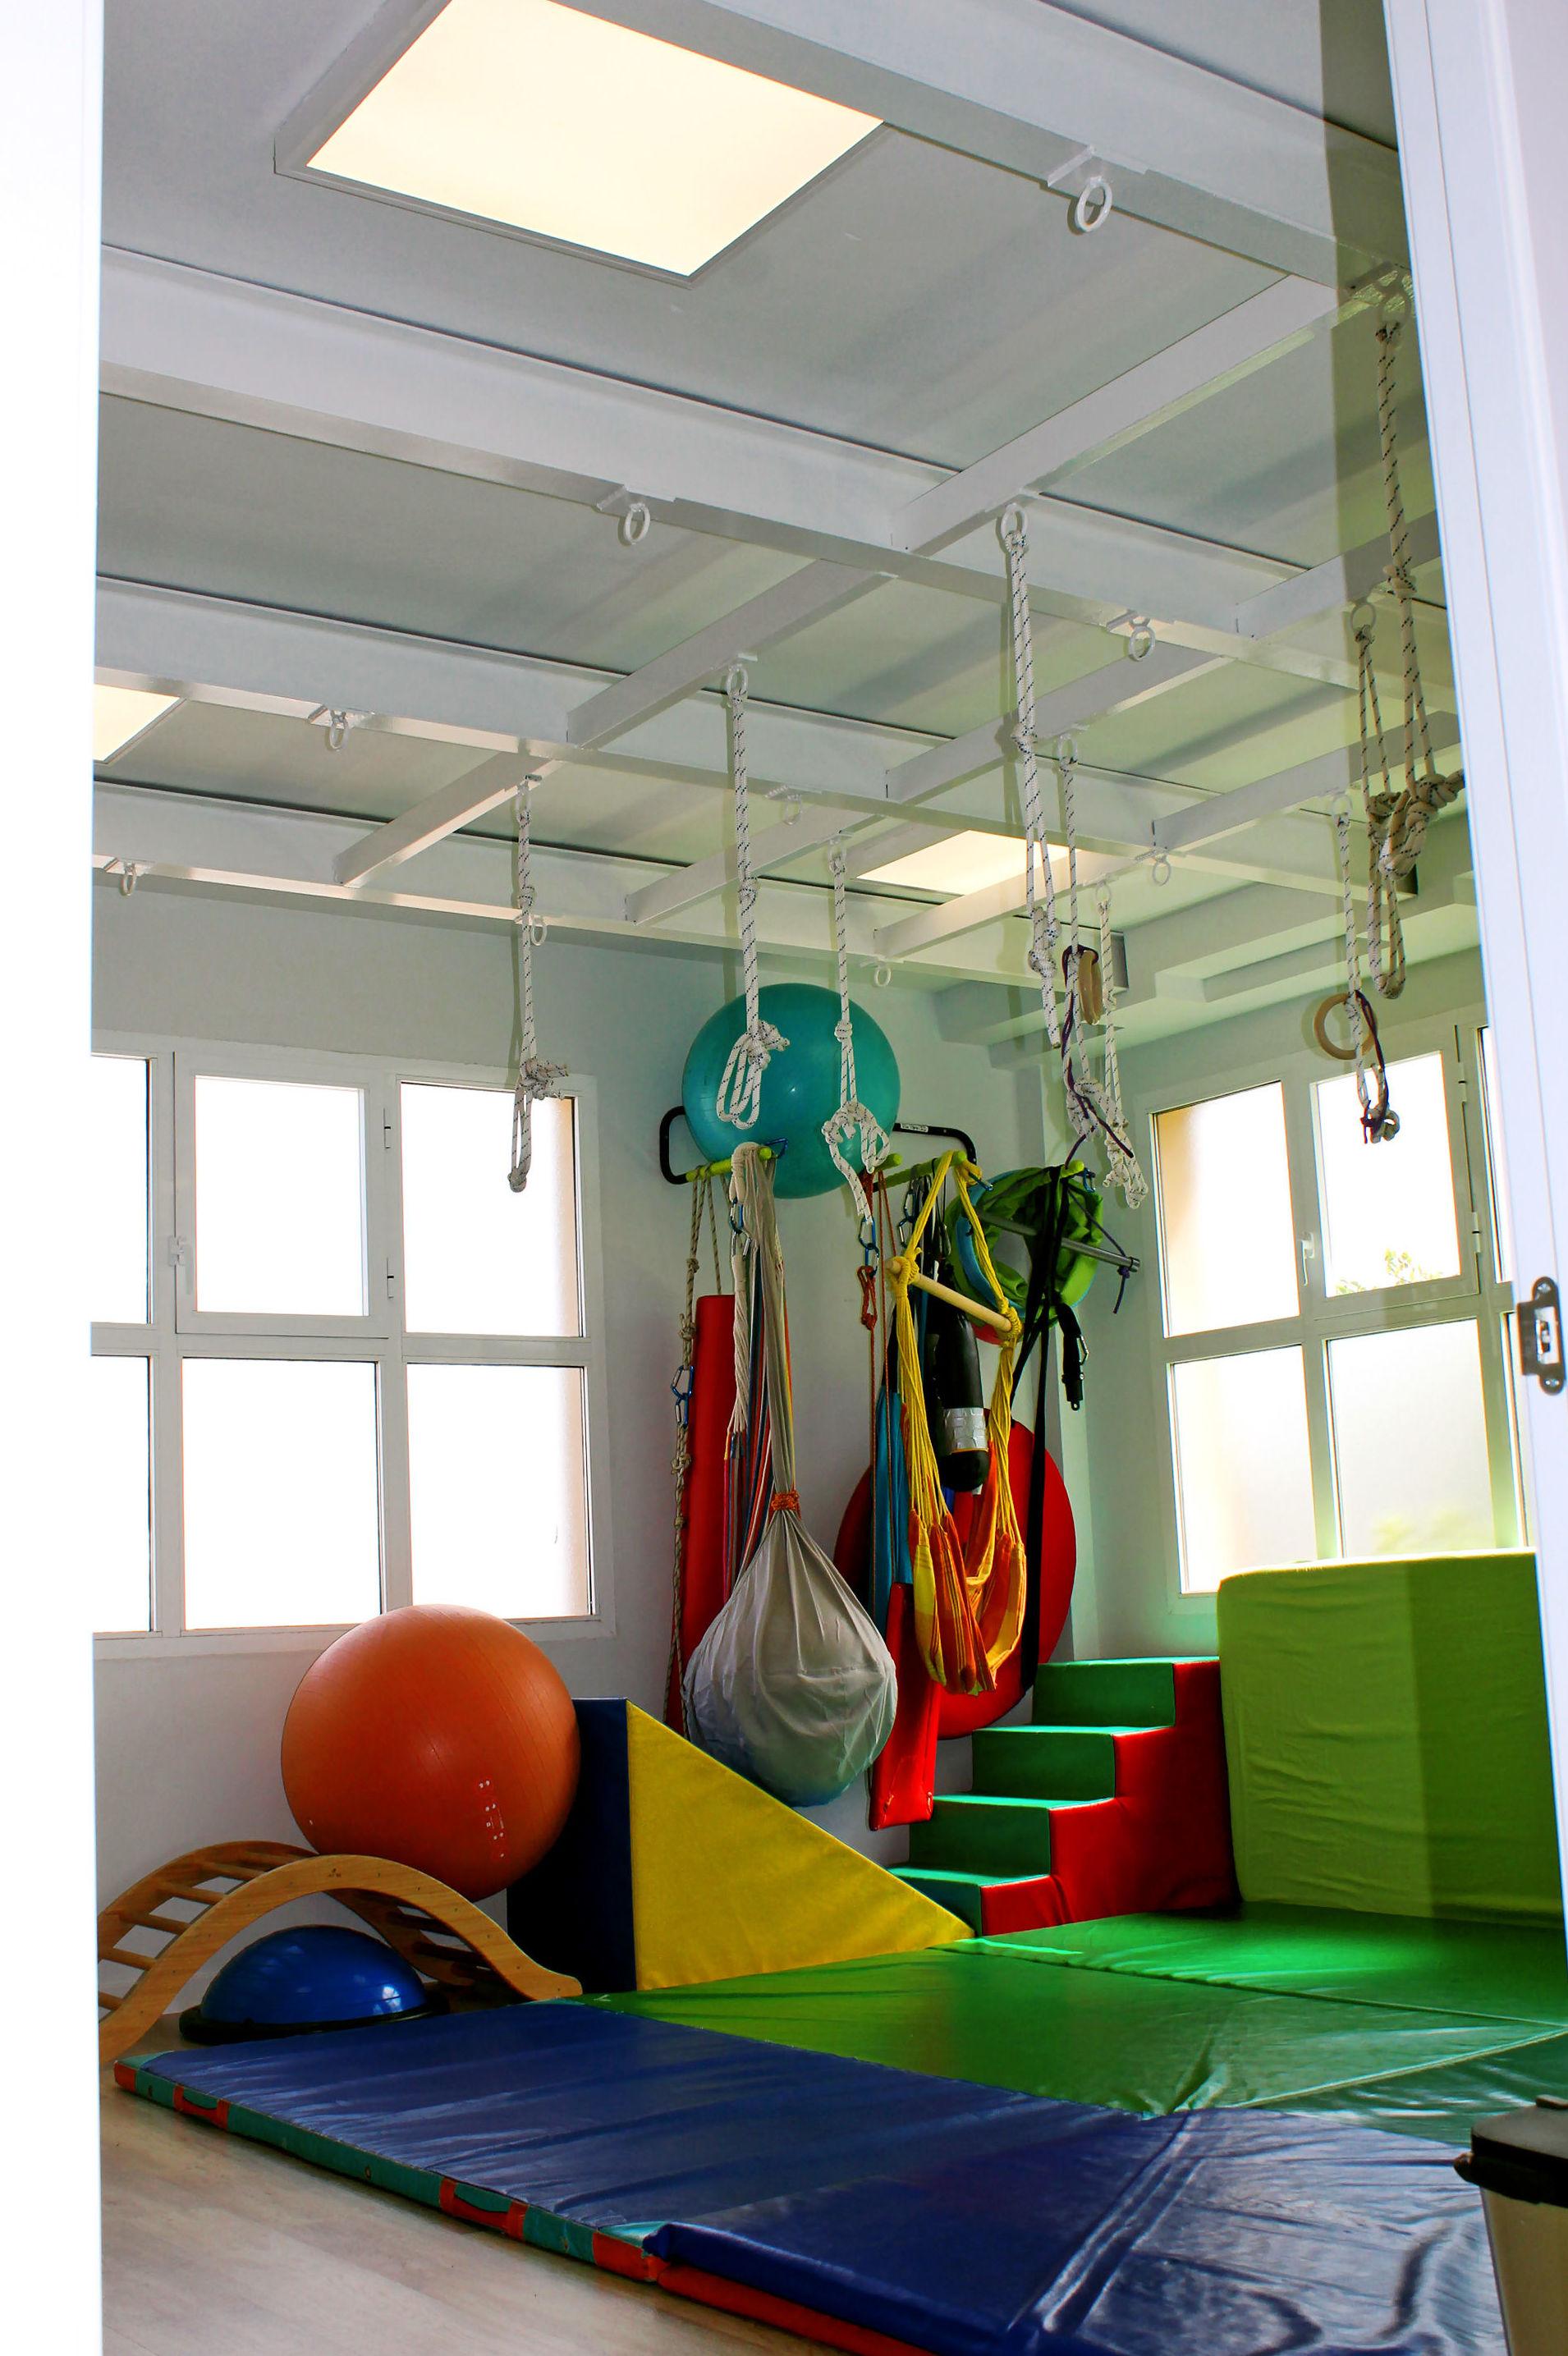 Centro PSICO. DAU arquitectos